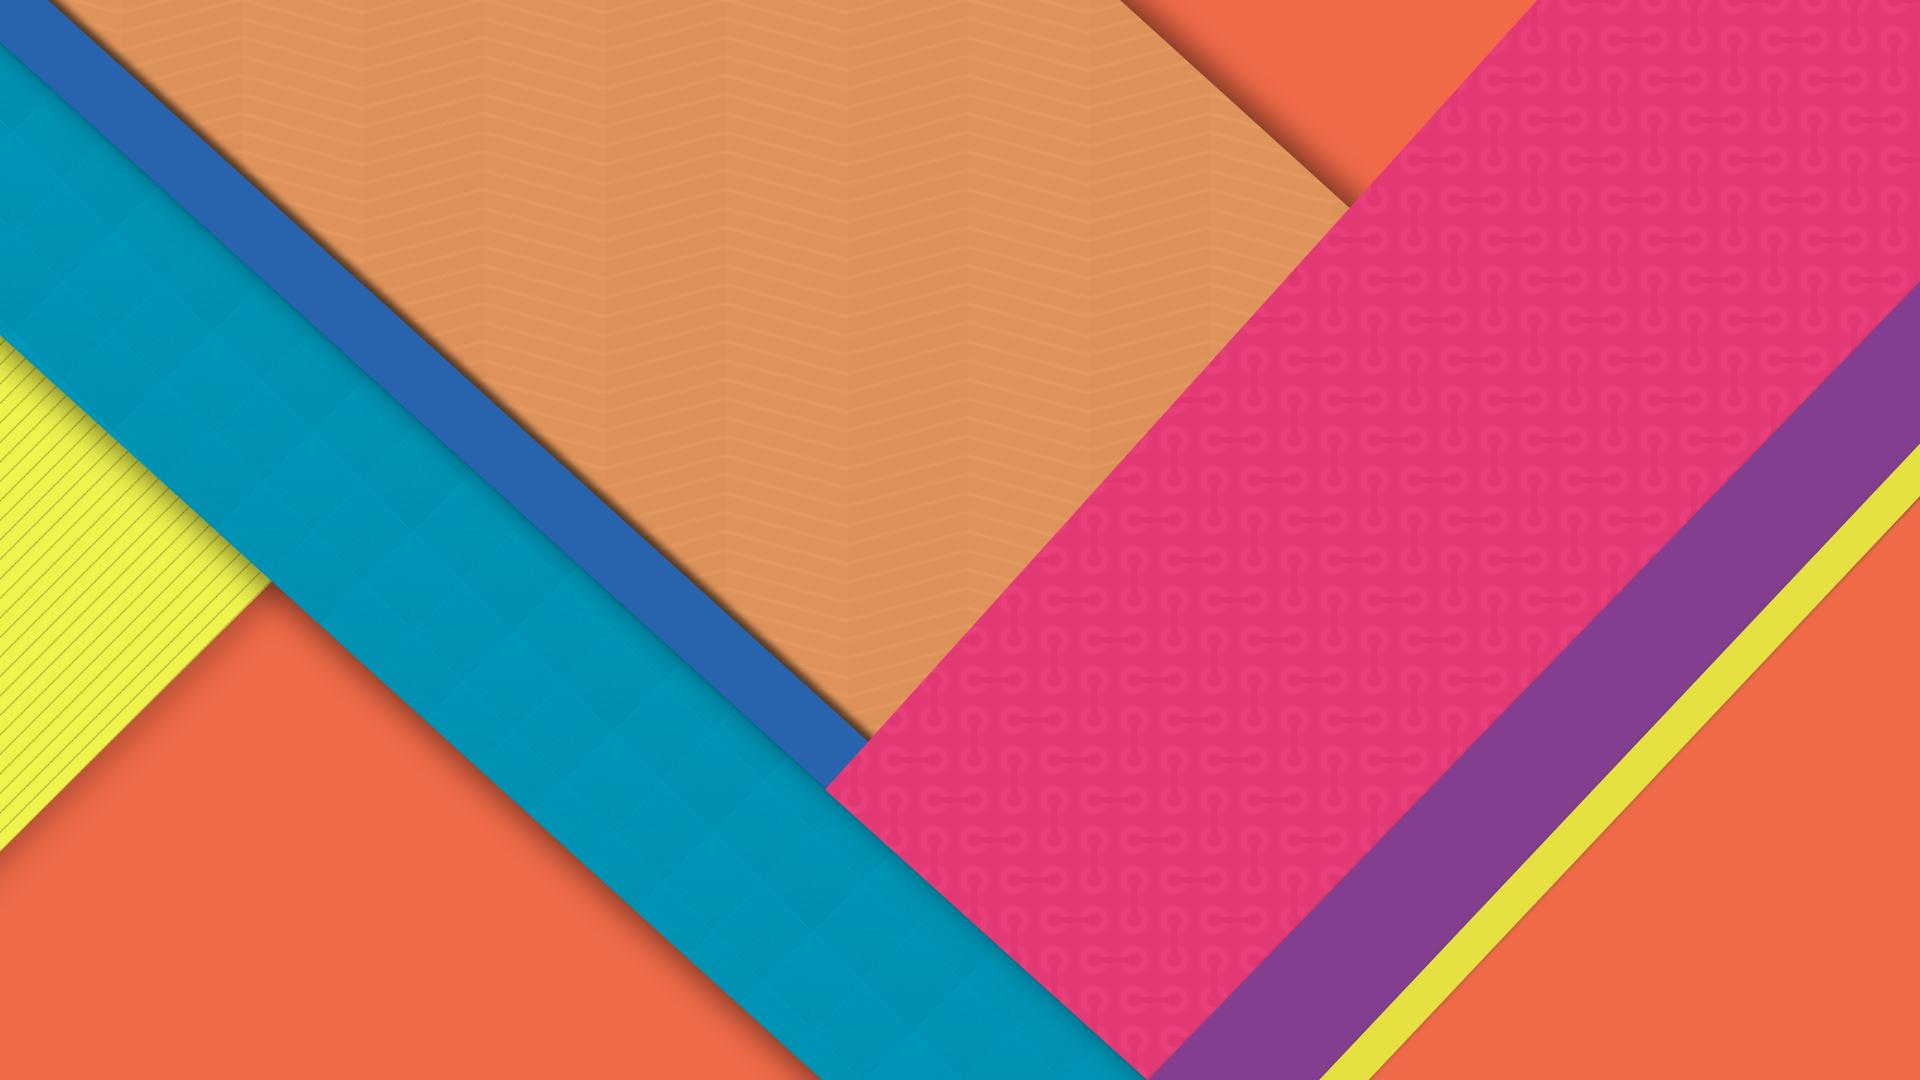 Material design material design  № 2301133 бесплатно